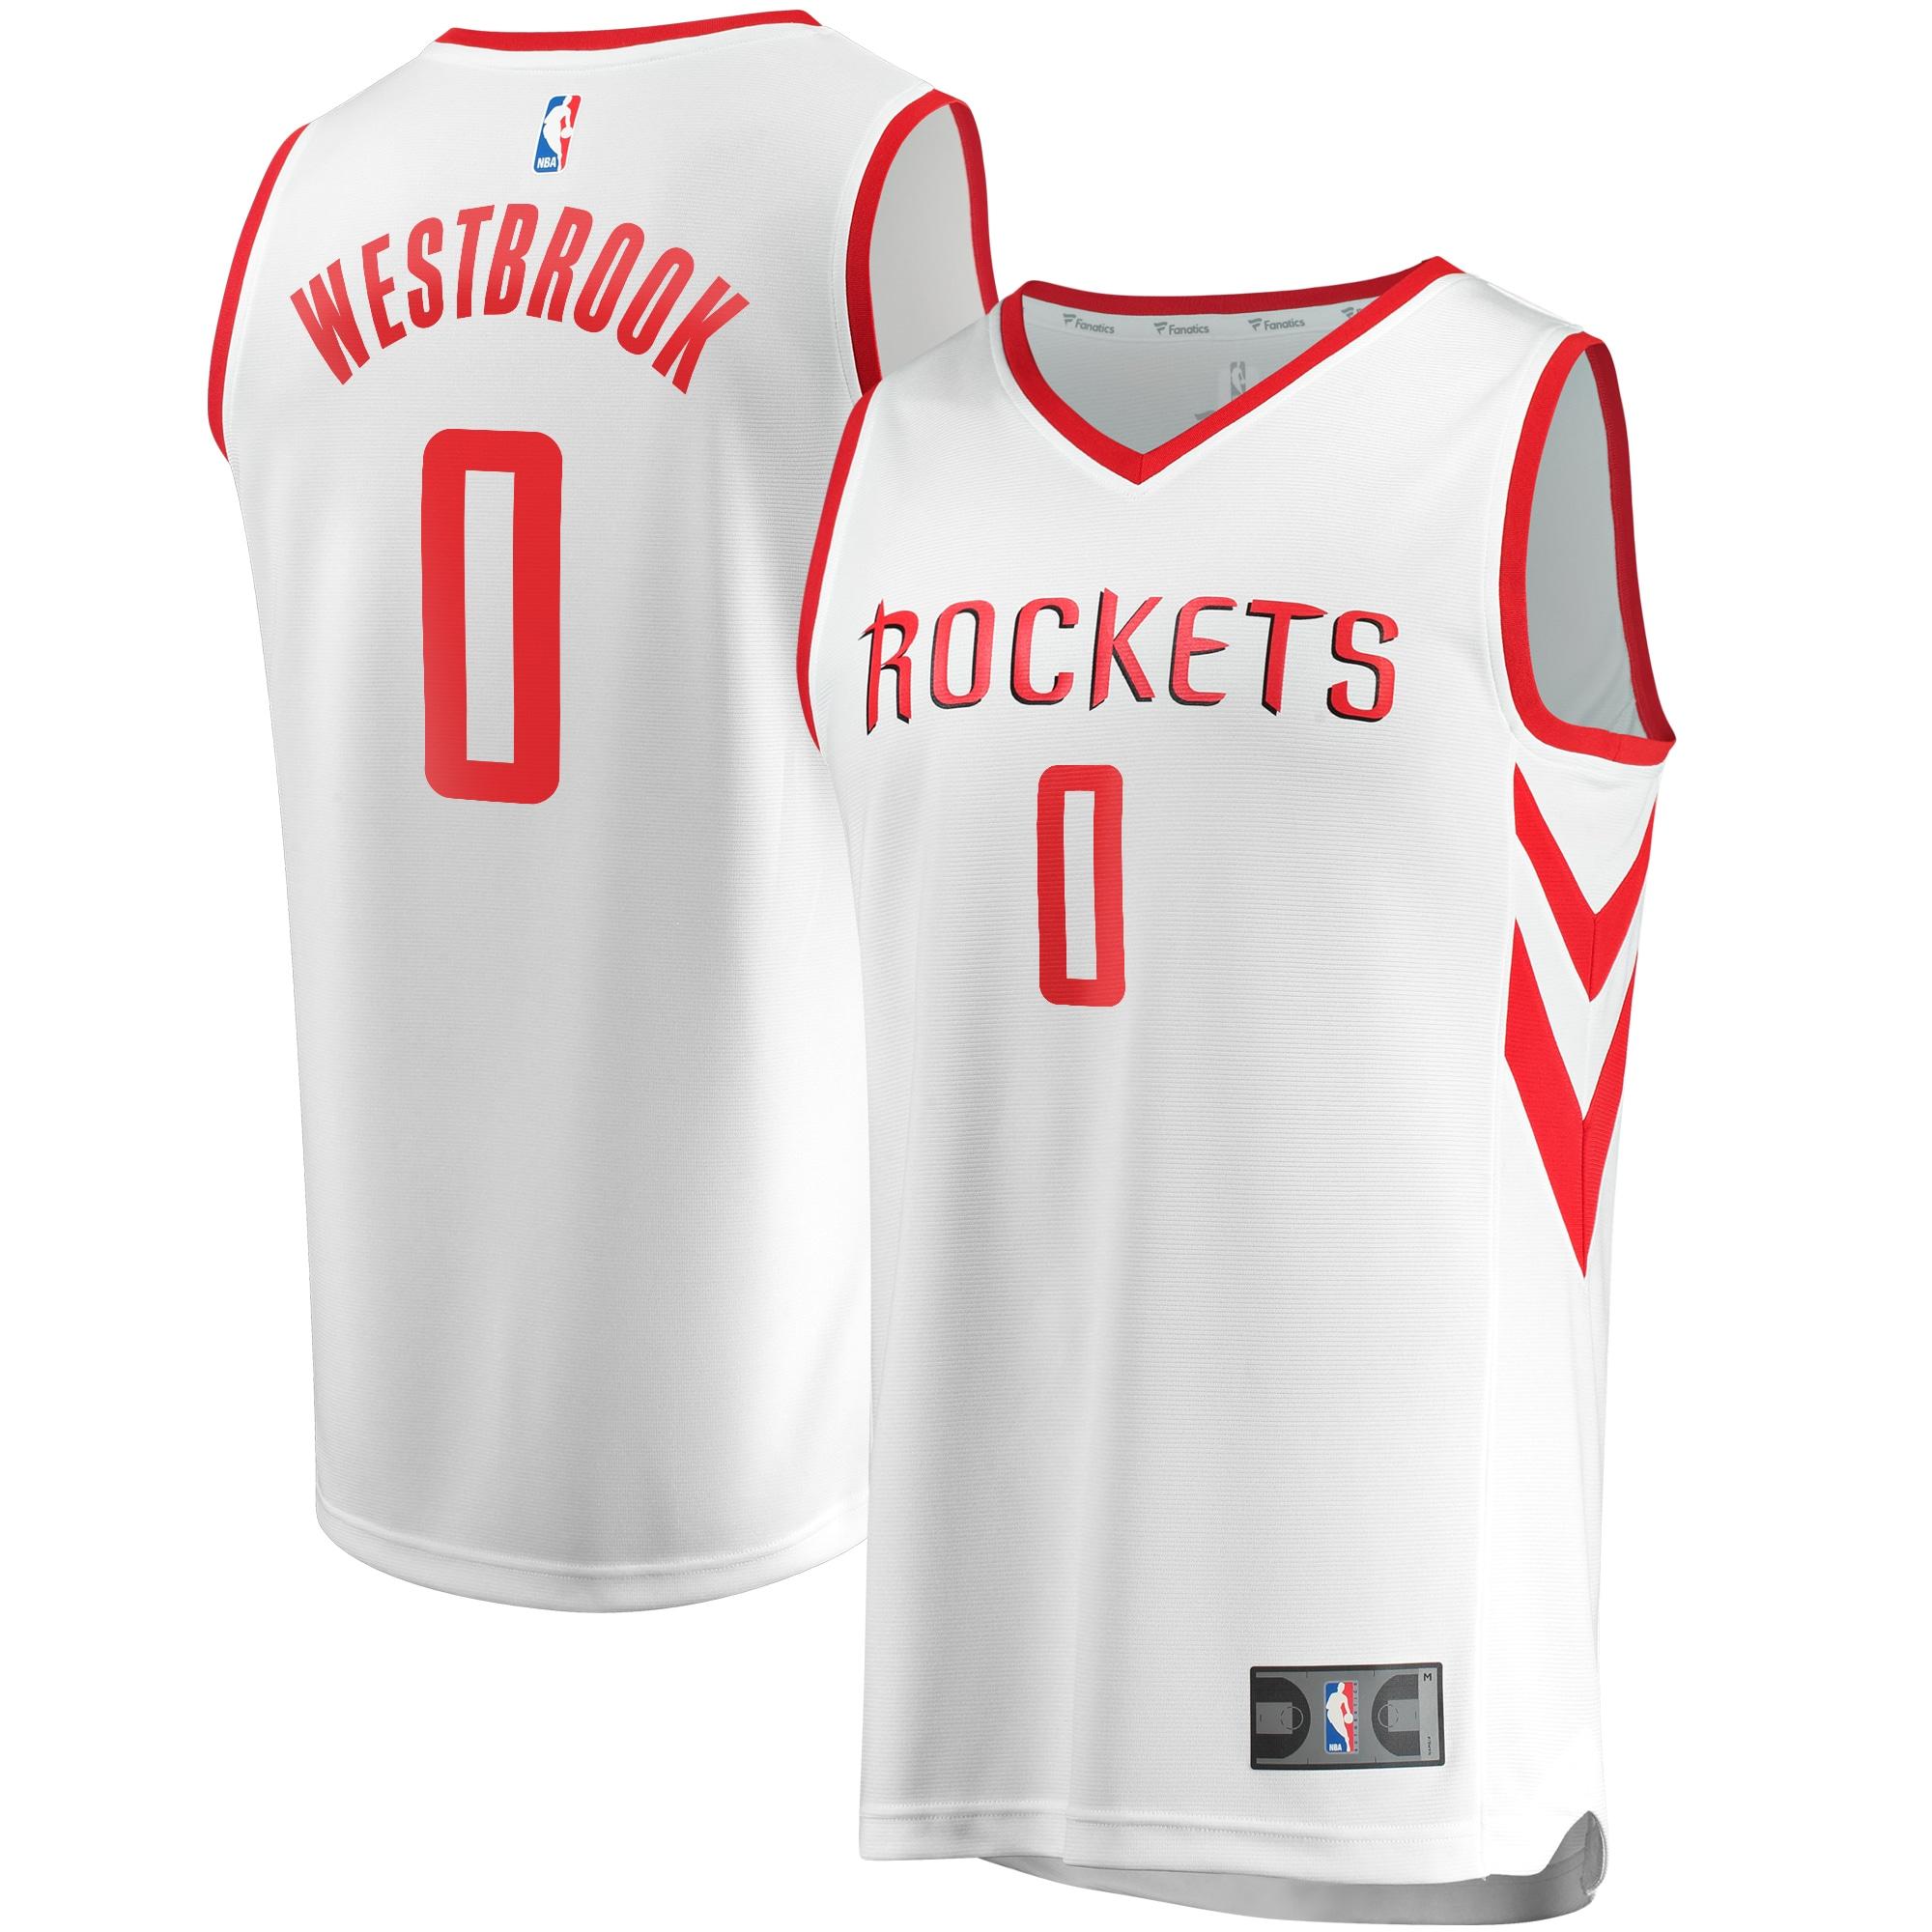 Russell Westbrook Houston Rockets Fanatics Branded Fast Break Replica Jersey White - Association Edition